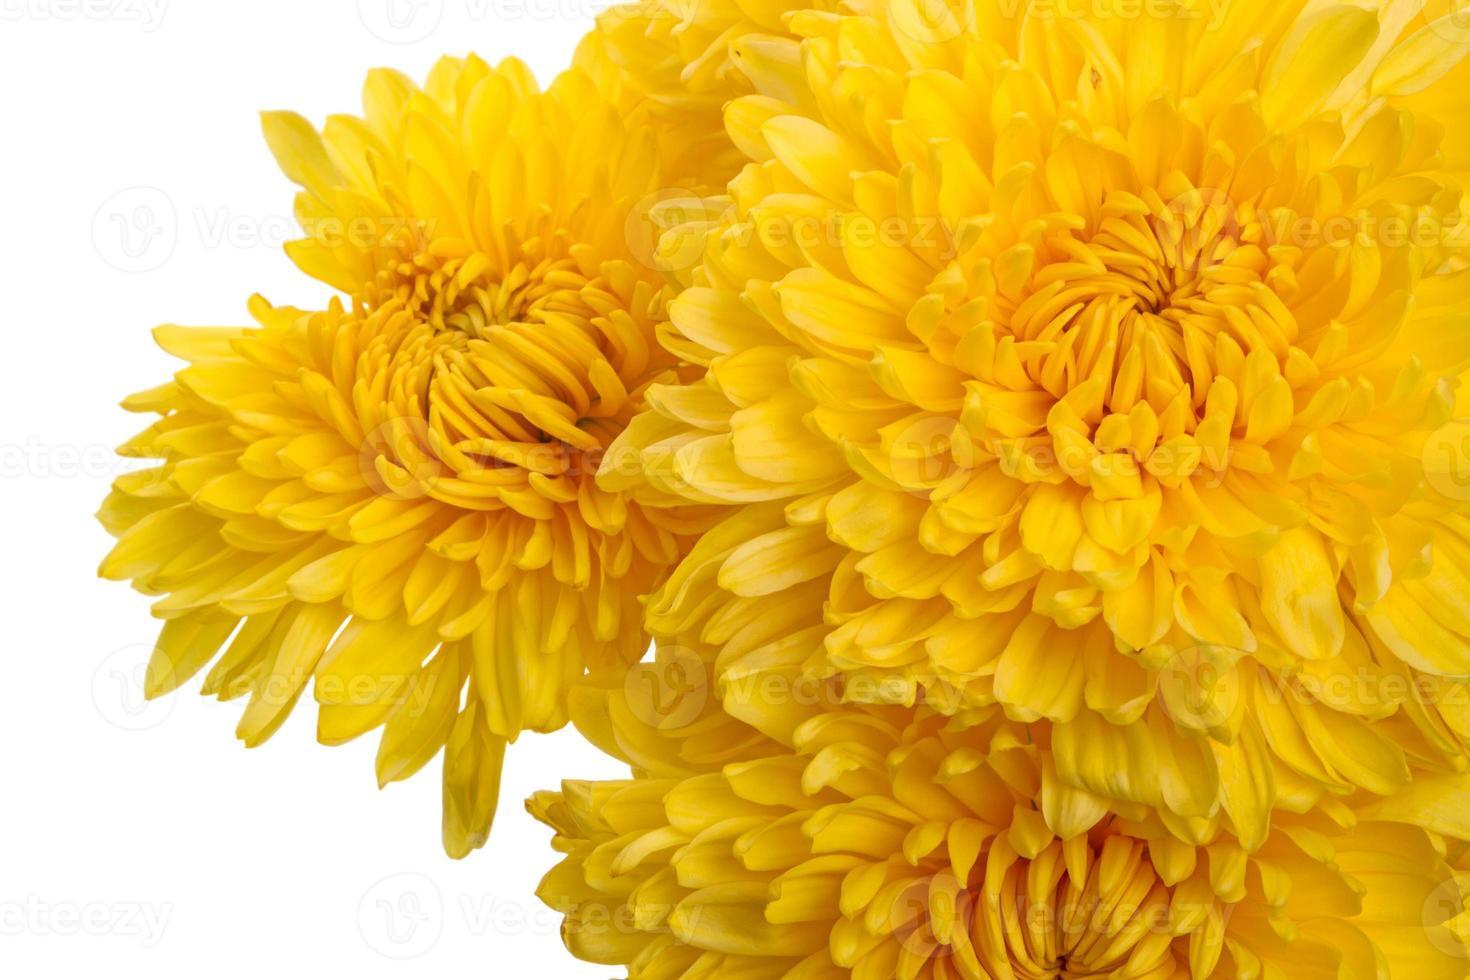 gele chrysanten close-up foto